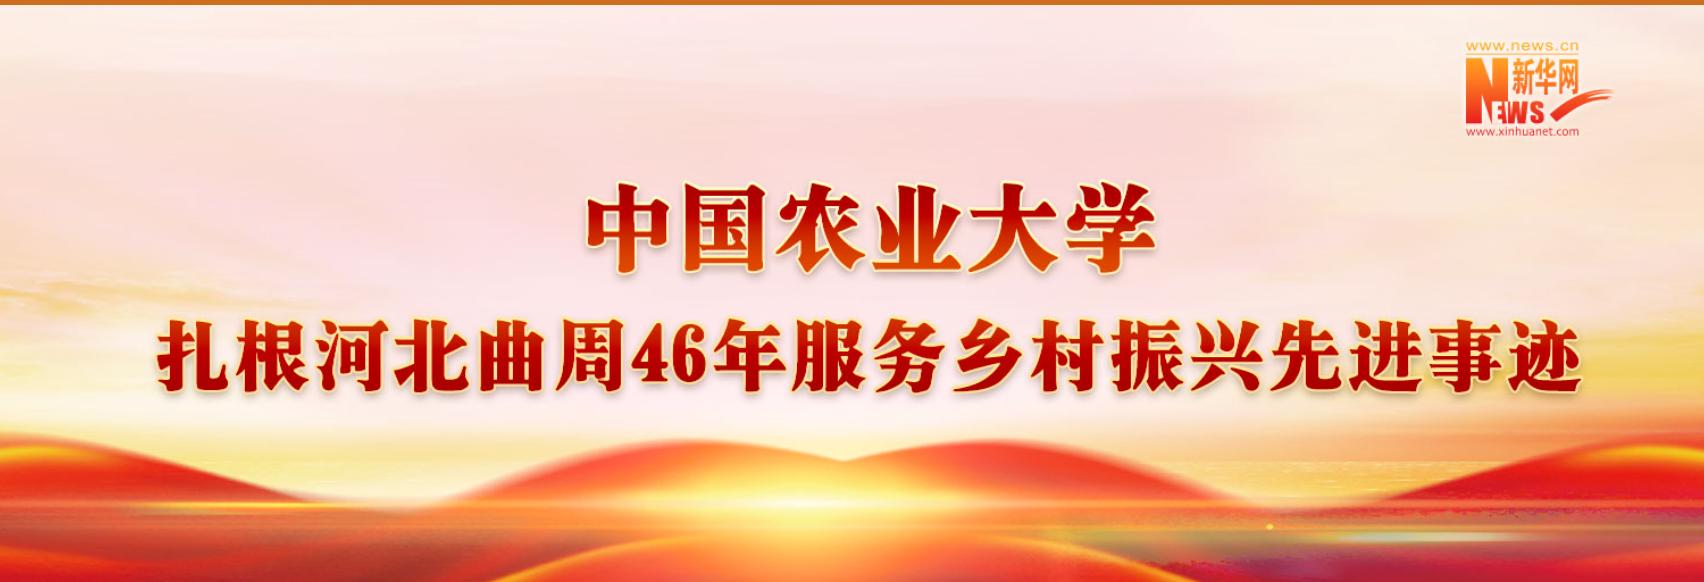 中國農業大學扎根河北曲周46年服務鄉村振興先進事跡